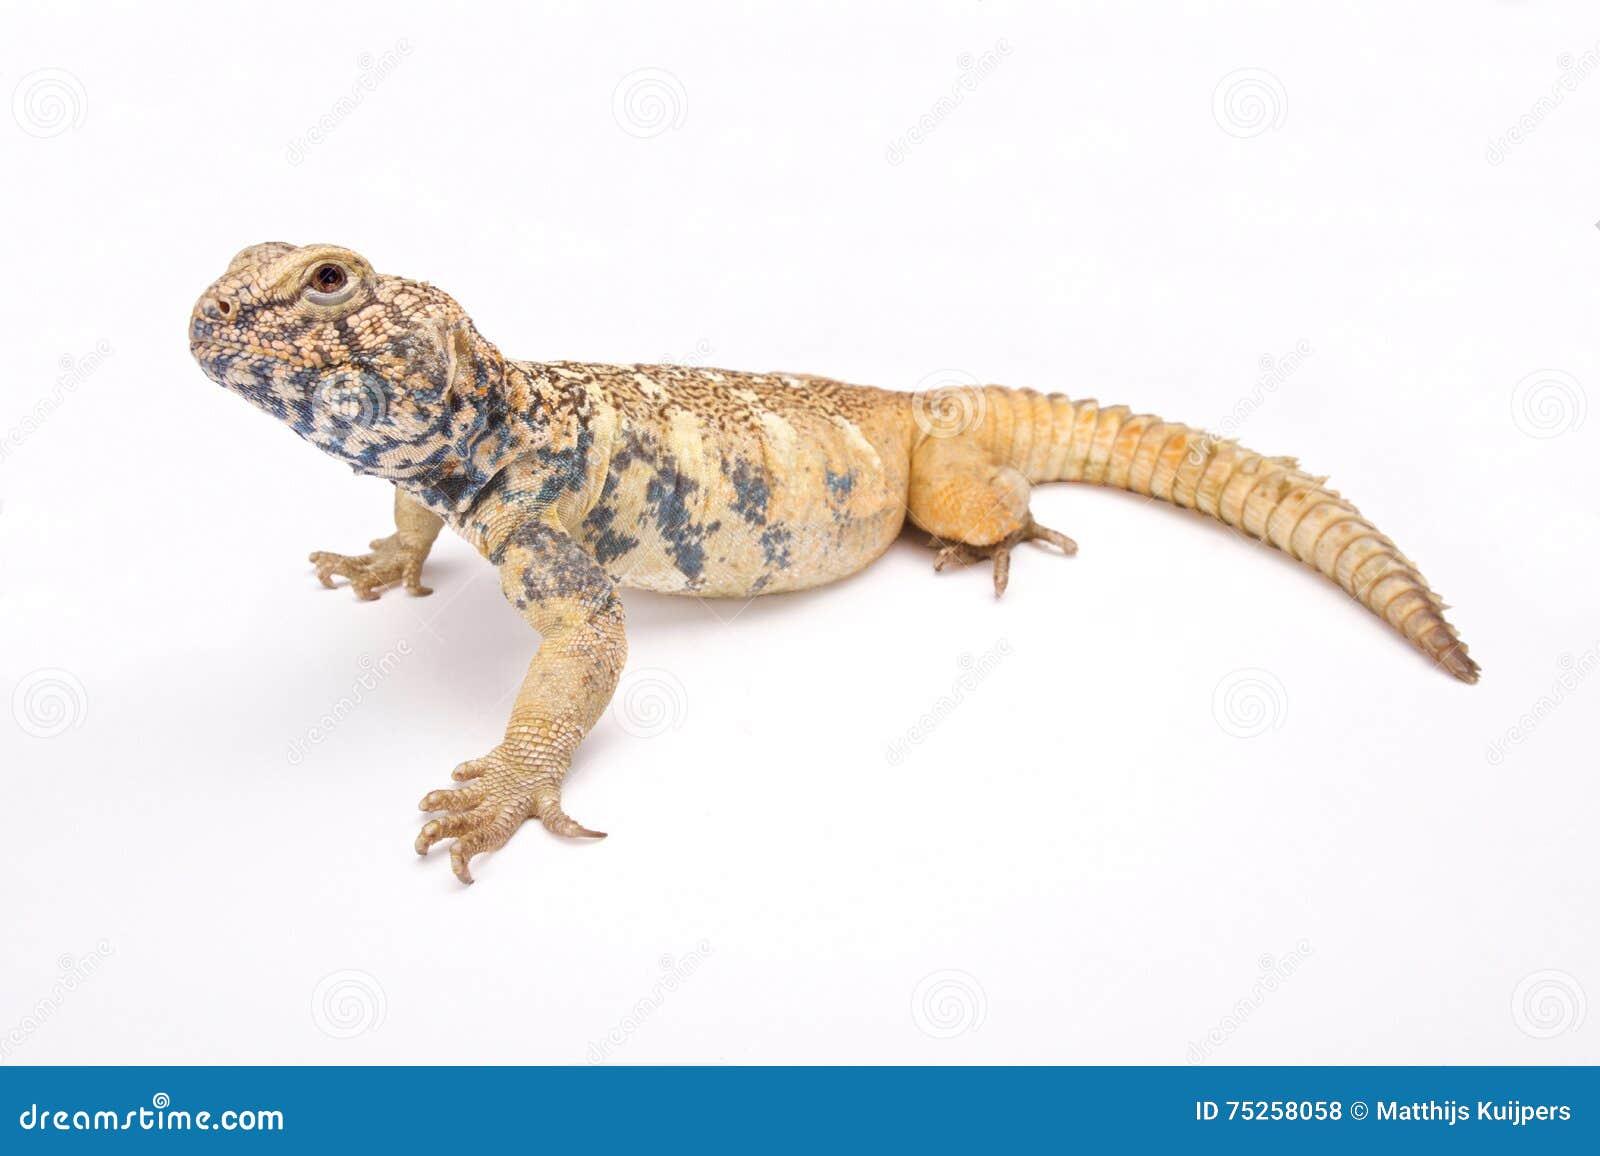 阿拉伯人南部多刺被盯梢的蜥蜴(Uromastyx yemenensis)